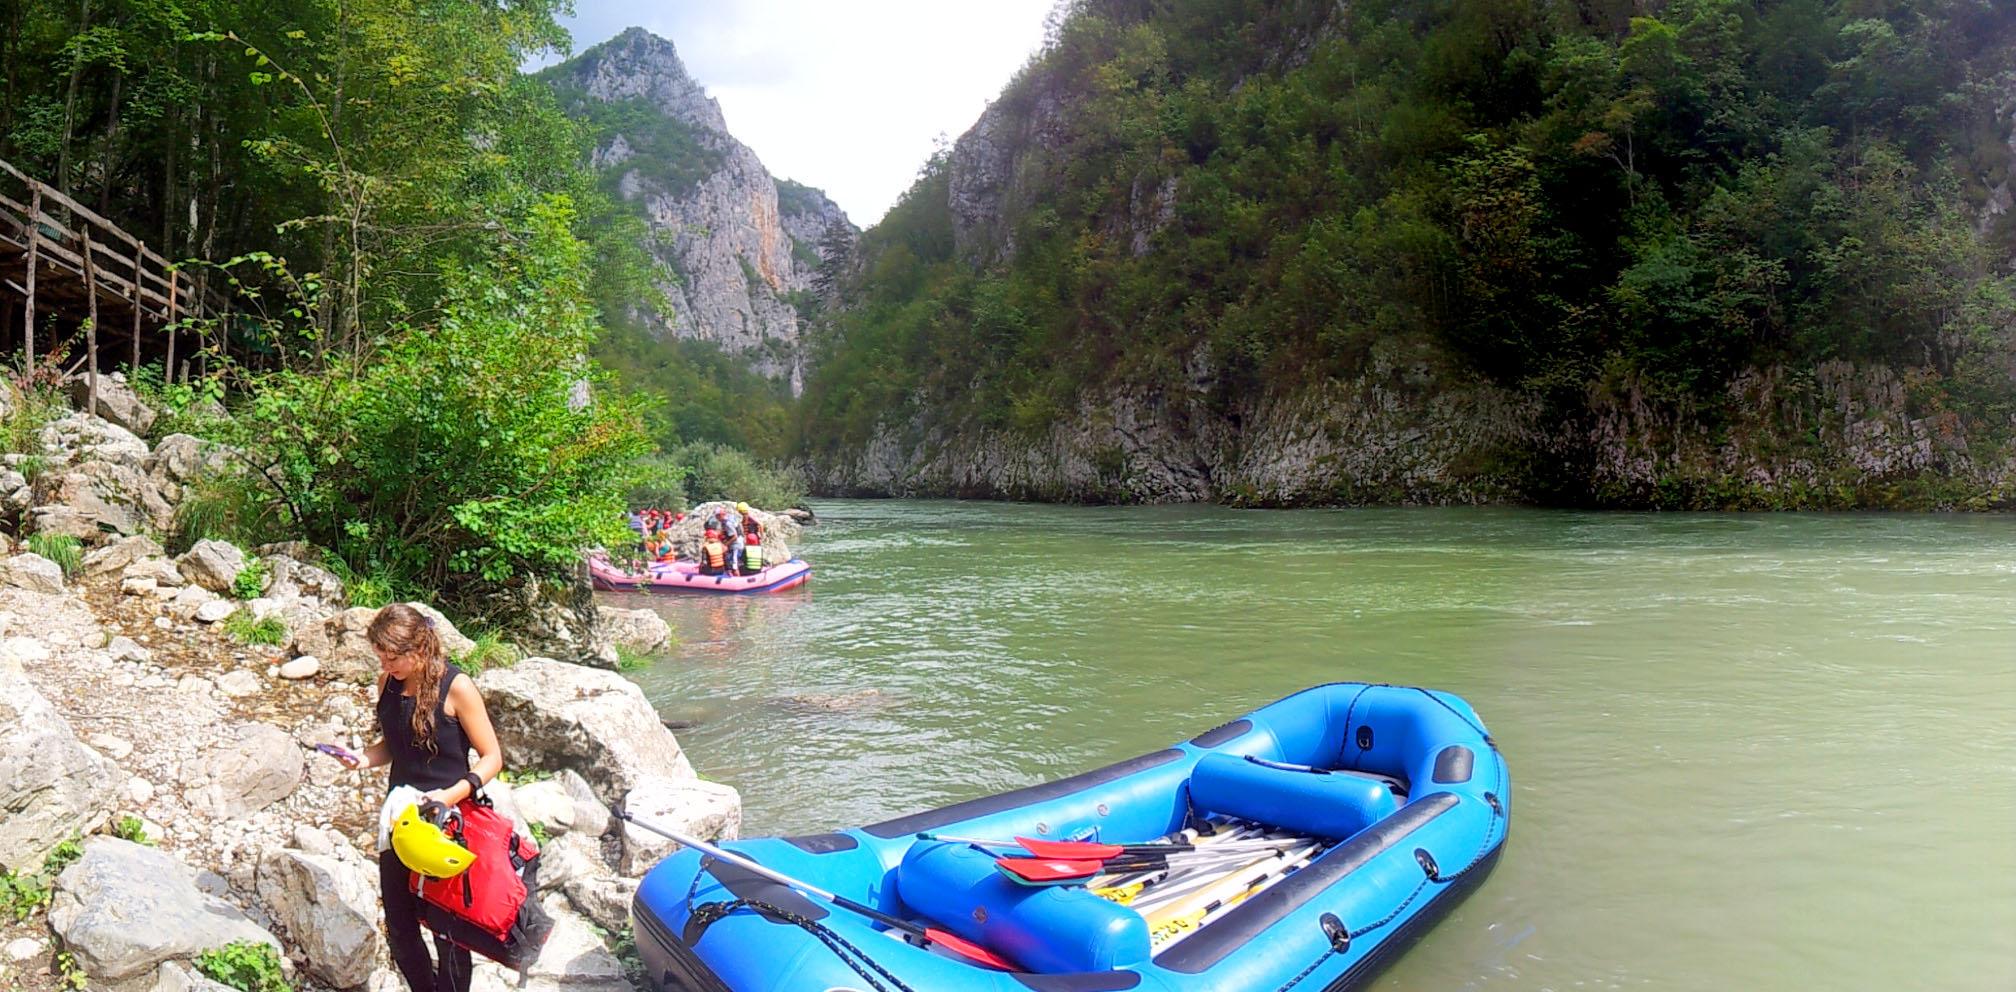 Hemaposesesvalises_montenegro_rafting_canyon_de_la_piva_tara_scepan_polje_travel_voyage_blog15